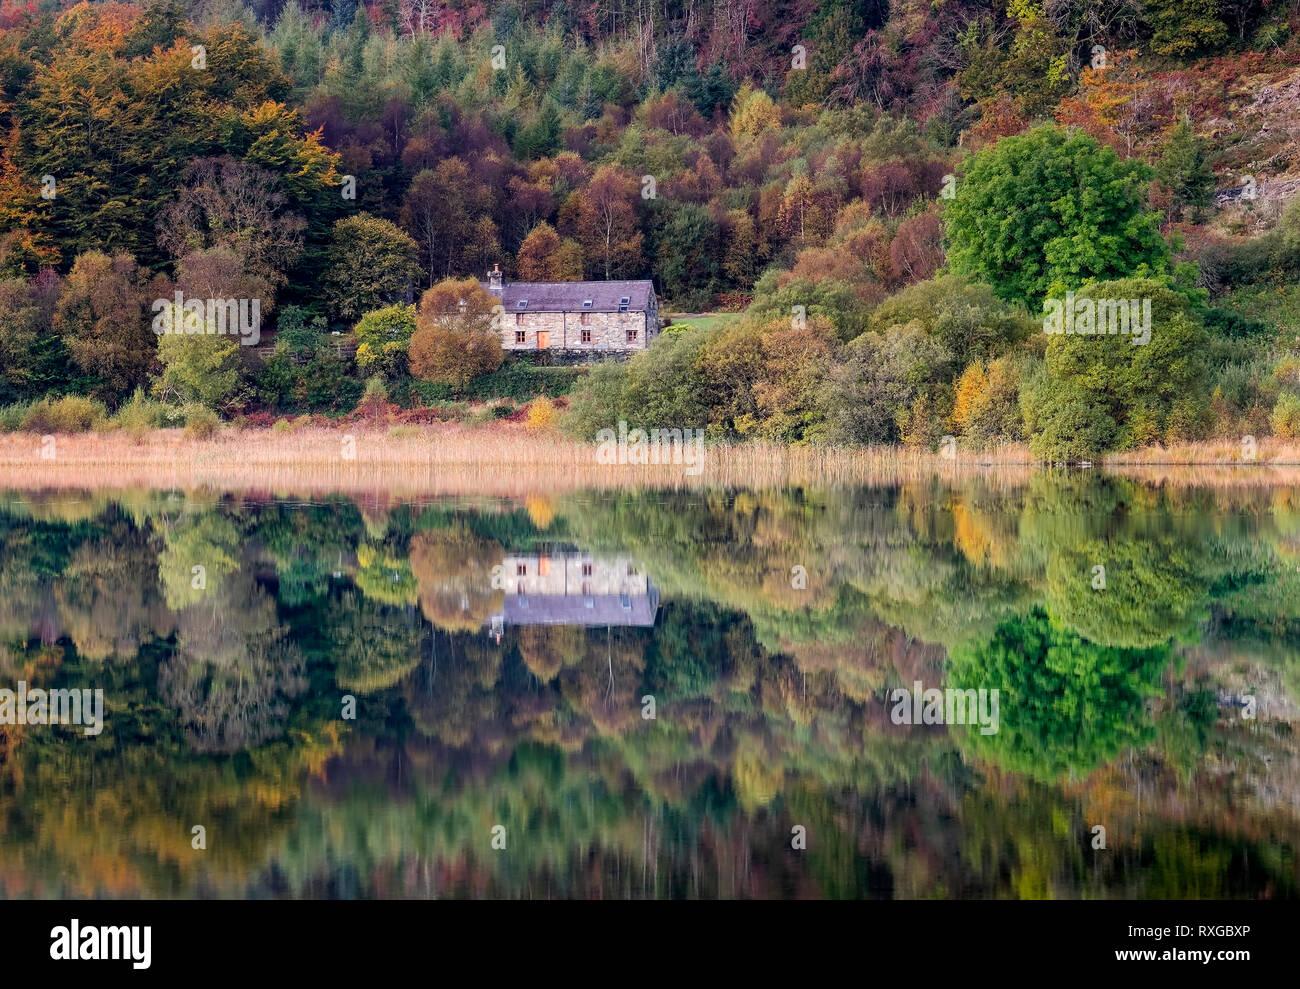 Perfekte Spiegelungen in Llyn Geirionydd, in der Nähe von Trefriw, Conwy County Borough, Snowdonia National Park, North Wales, UK Stockbild